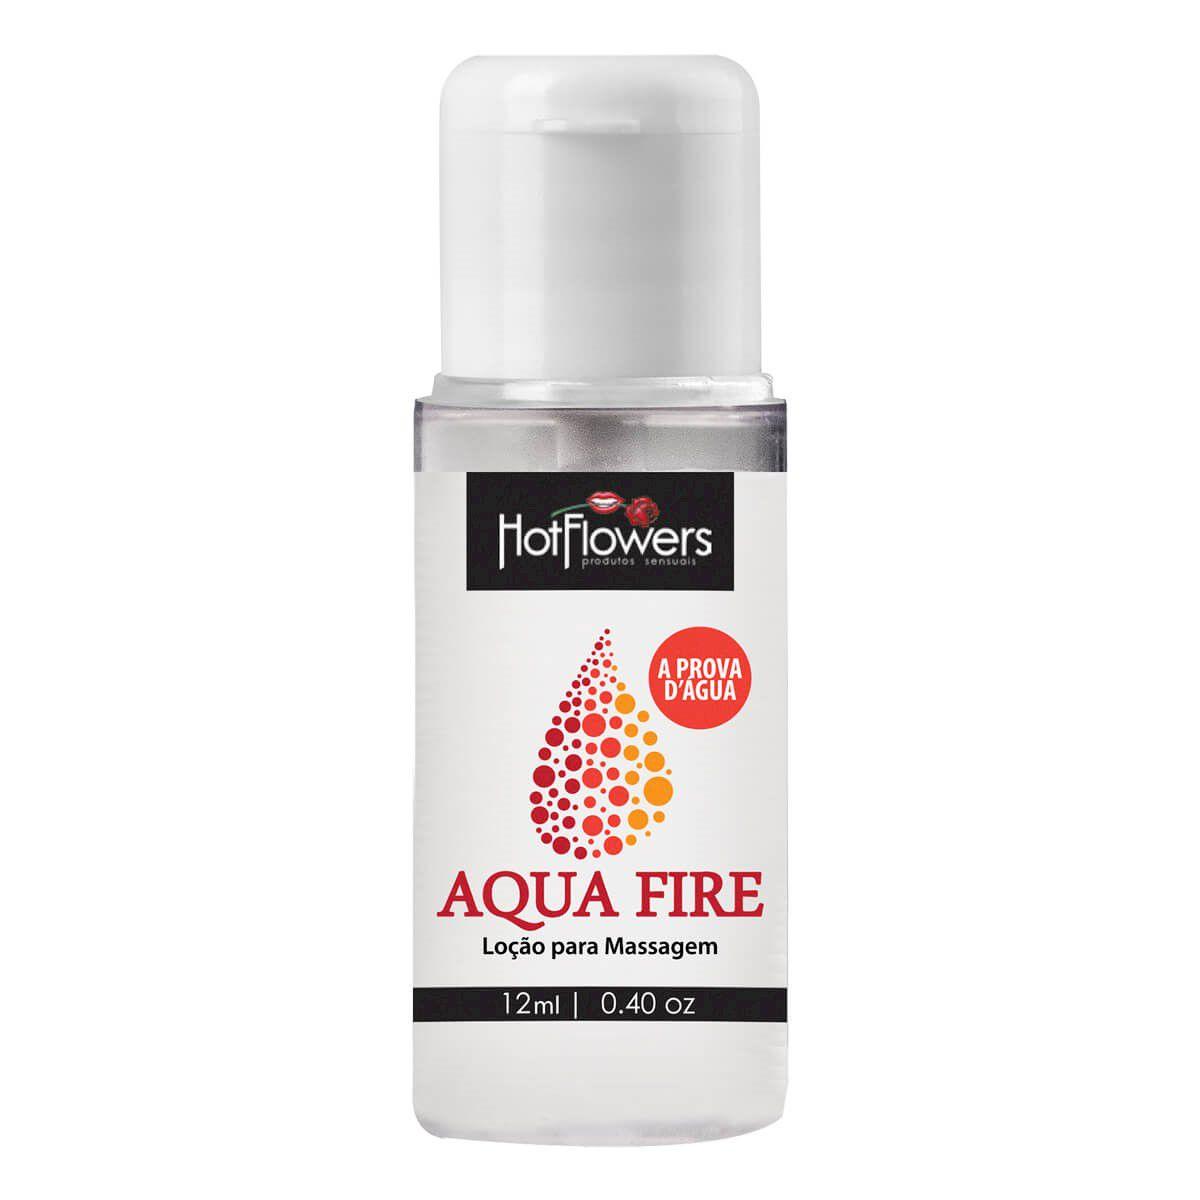 Lubrificante Aqua Fire   - RMCE BRAZIL